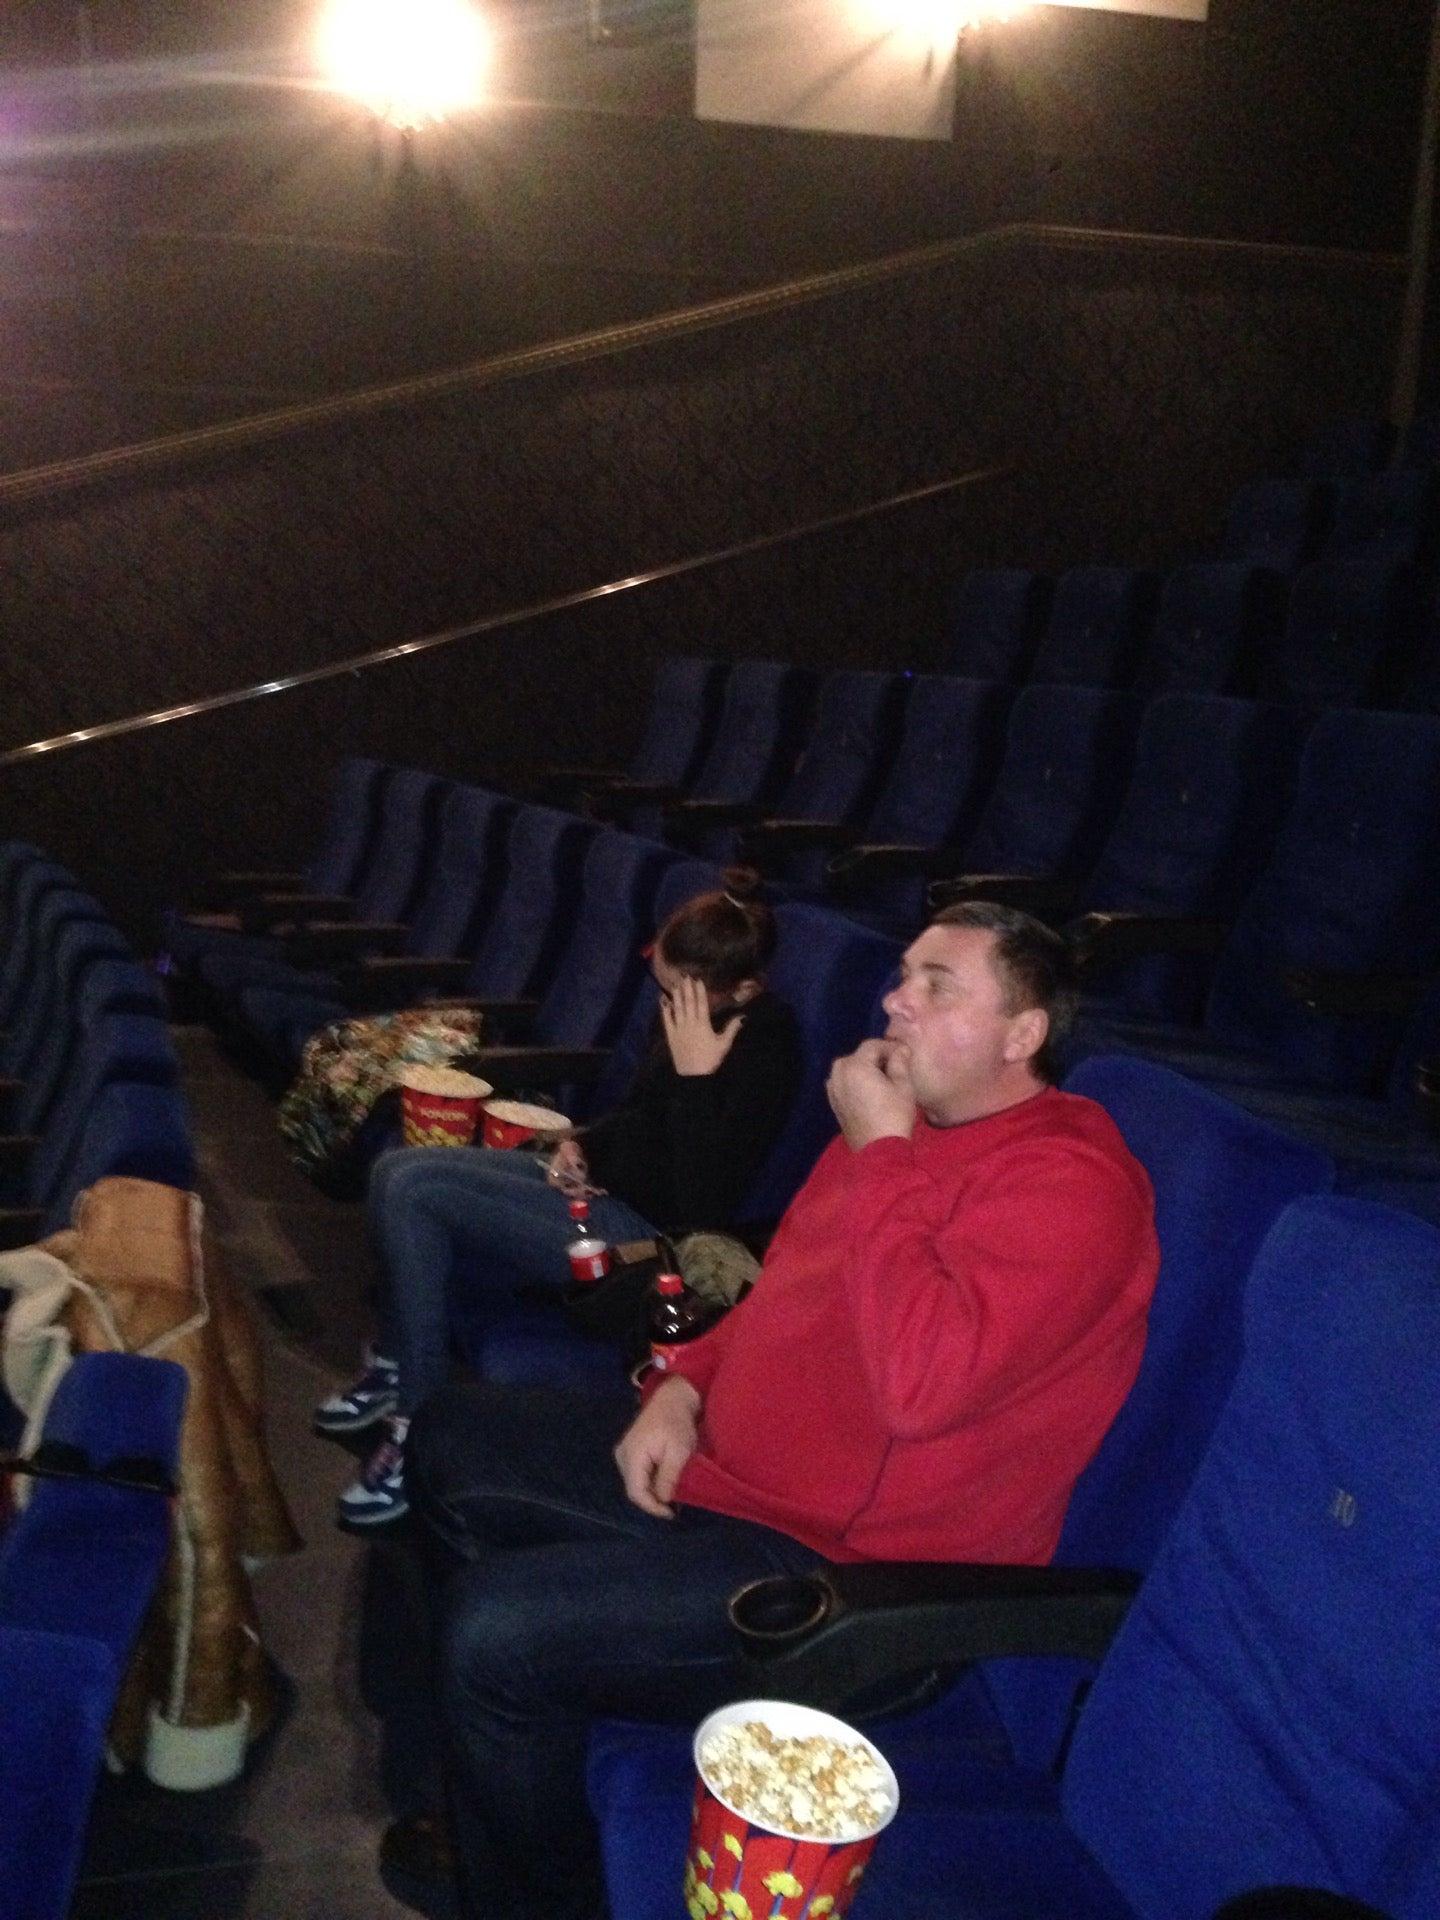 МОНИТОР Болгария  Кинотеатры  Сеть кинотеатров Монитор